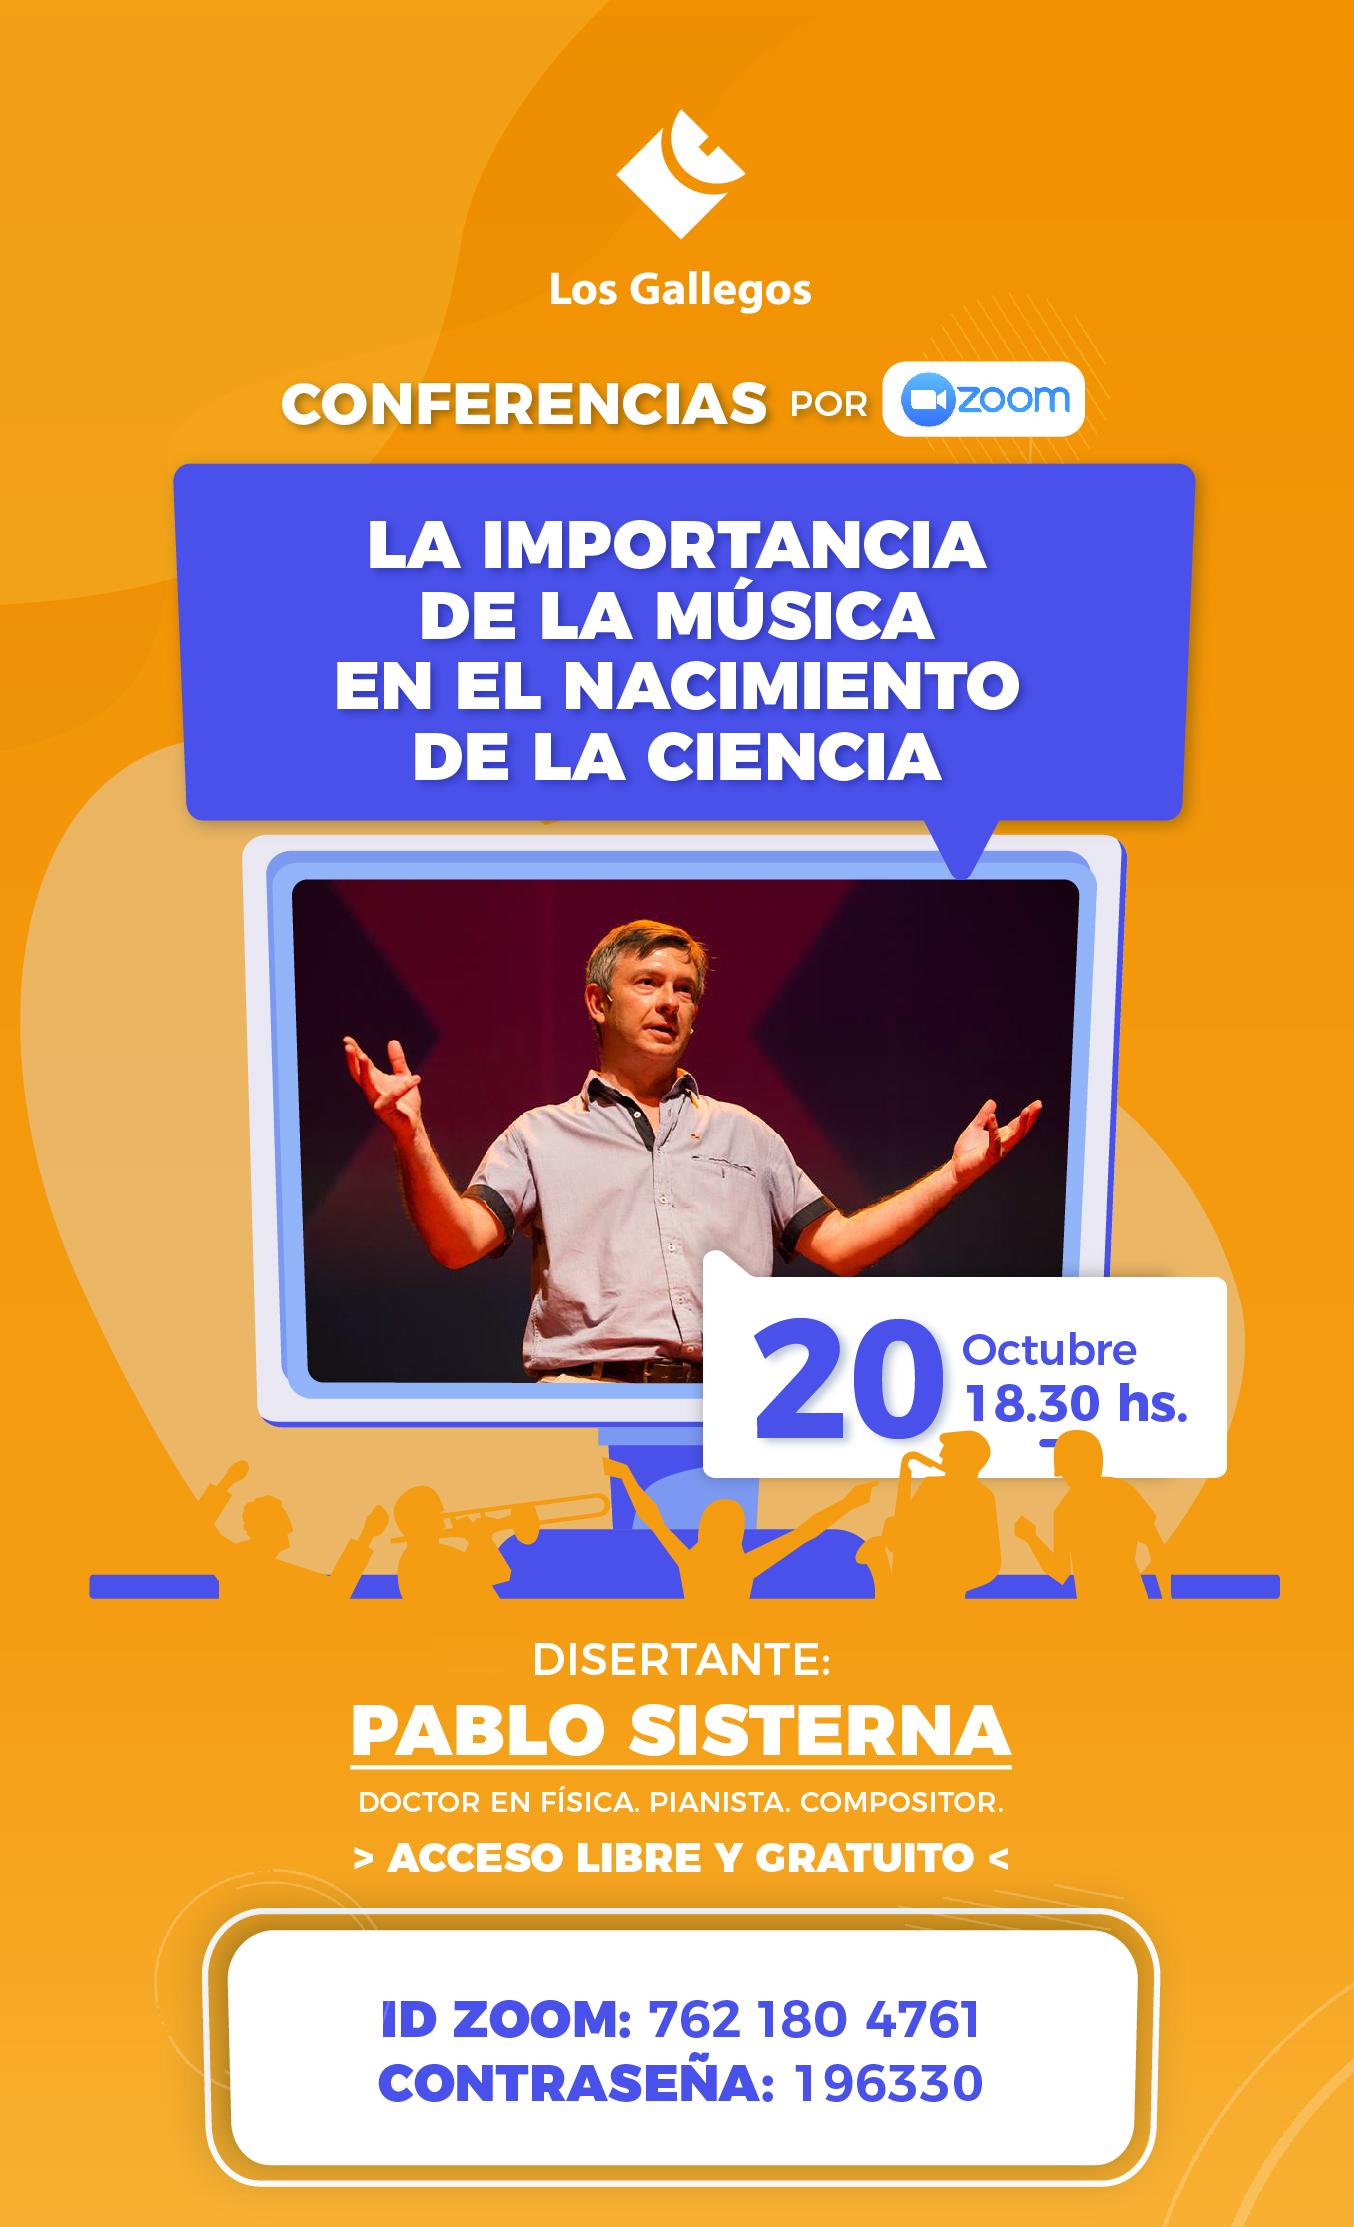 Pablo Sisterna dará una charla sobre música y ciencia